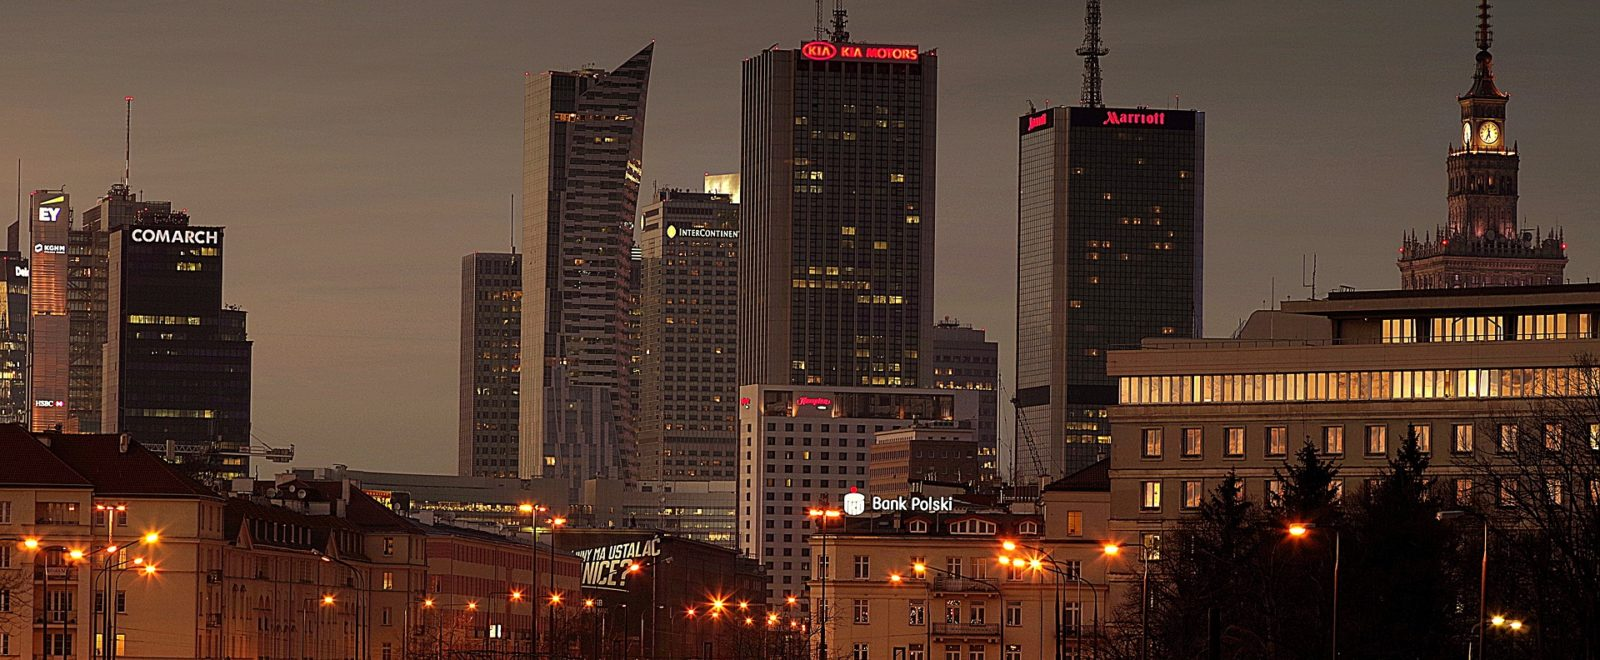 Wynajm i zakup nieruchomości w Polsce